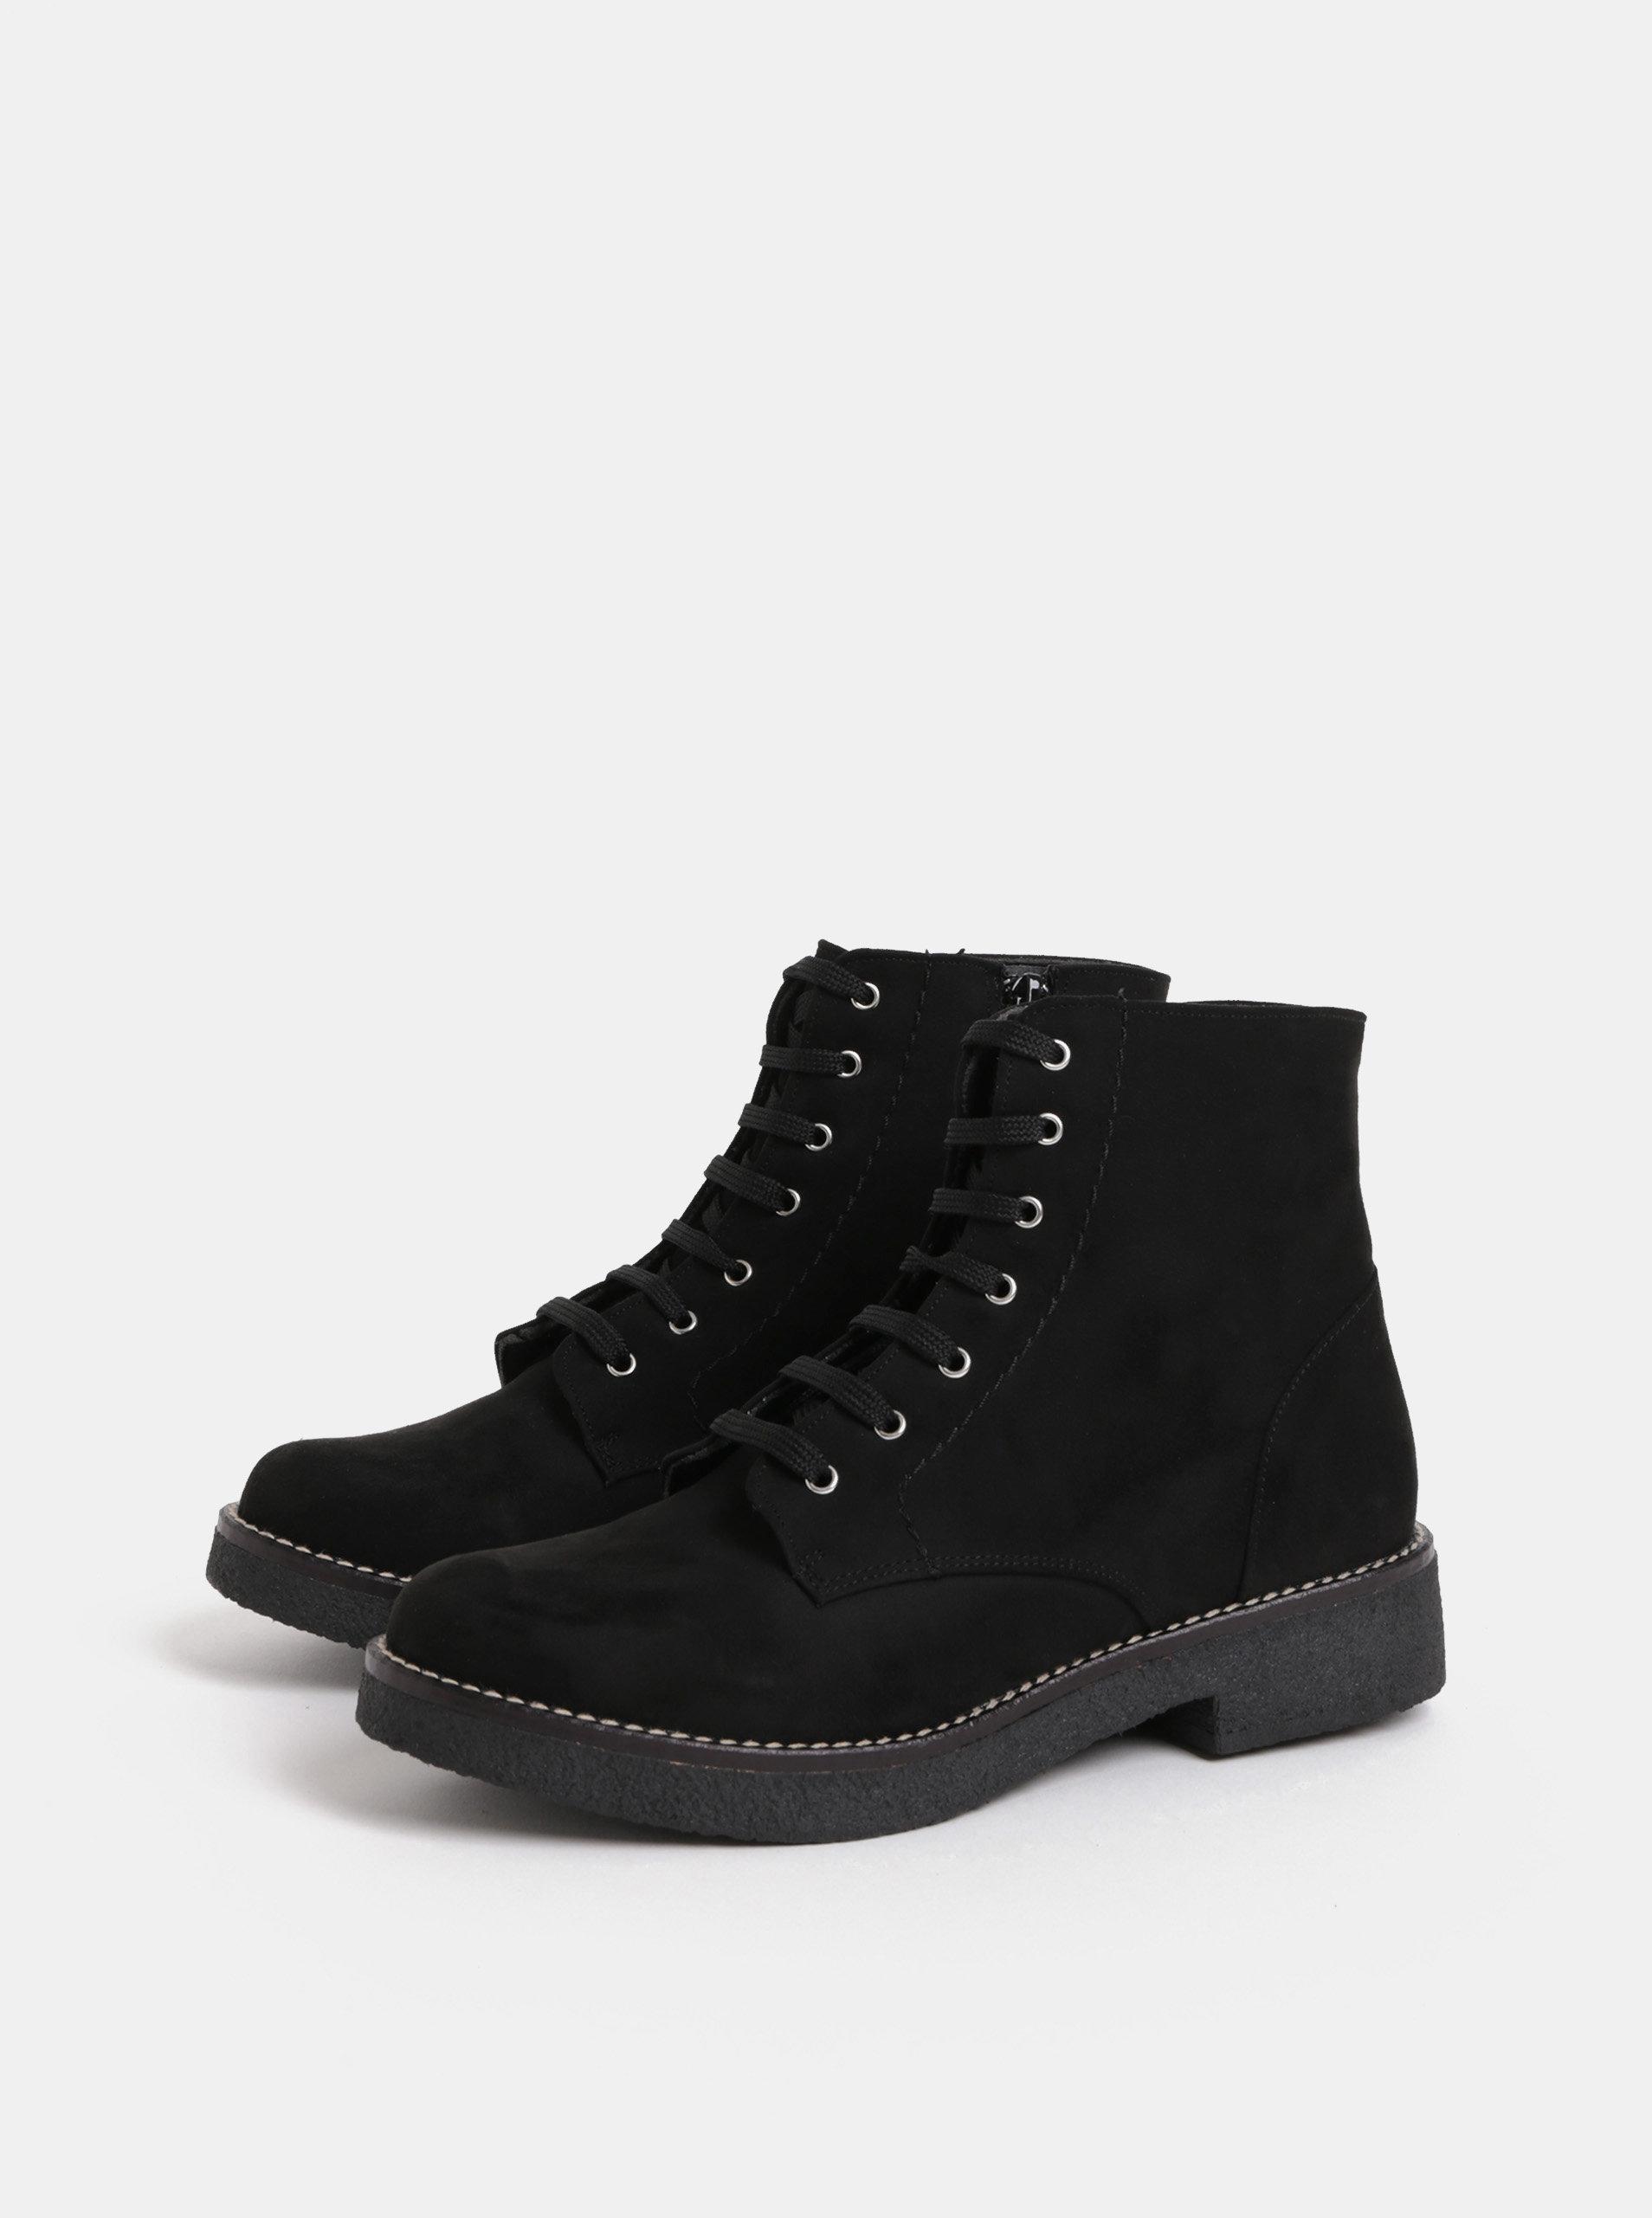 27ddb291b5cf Čierne členkové topánky v semišovej úprave OJJU ...